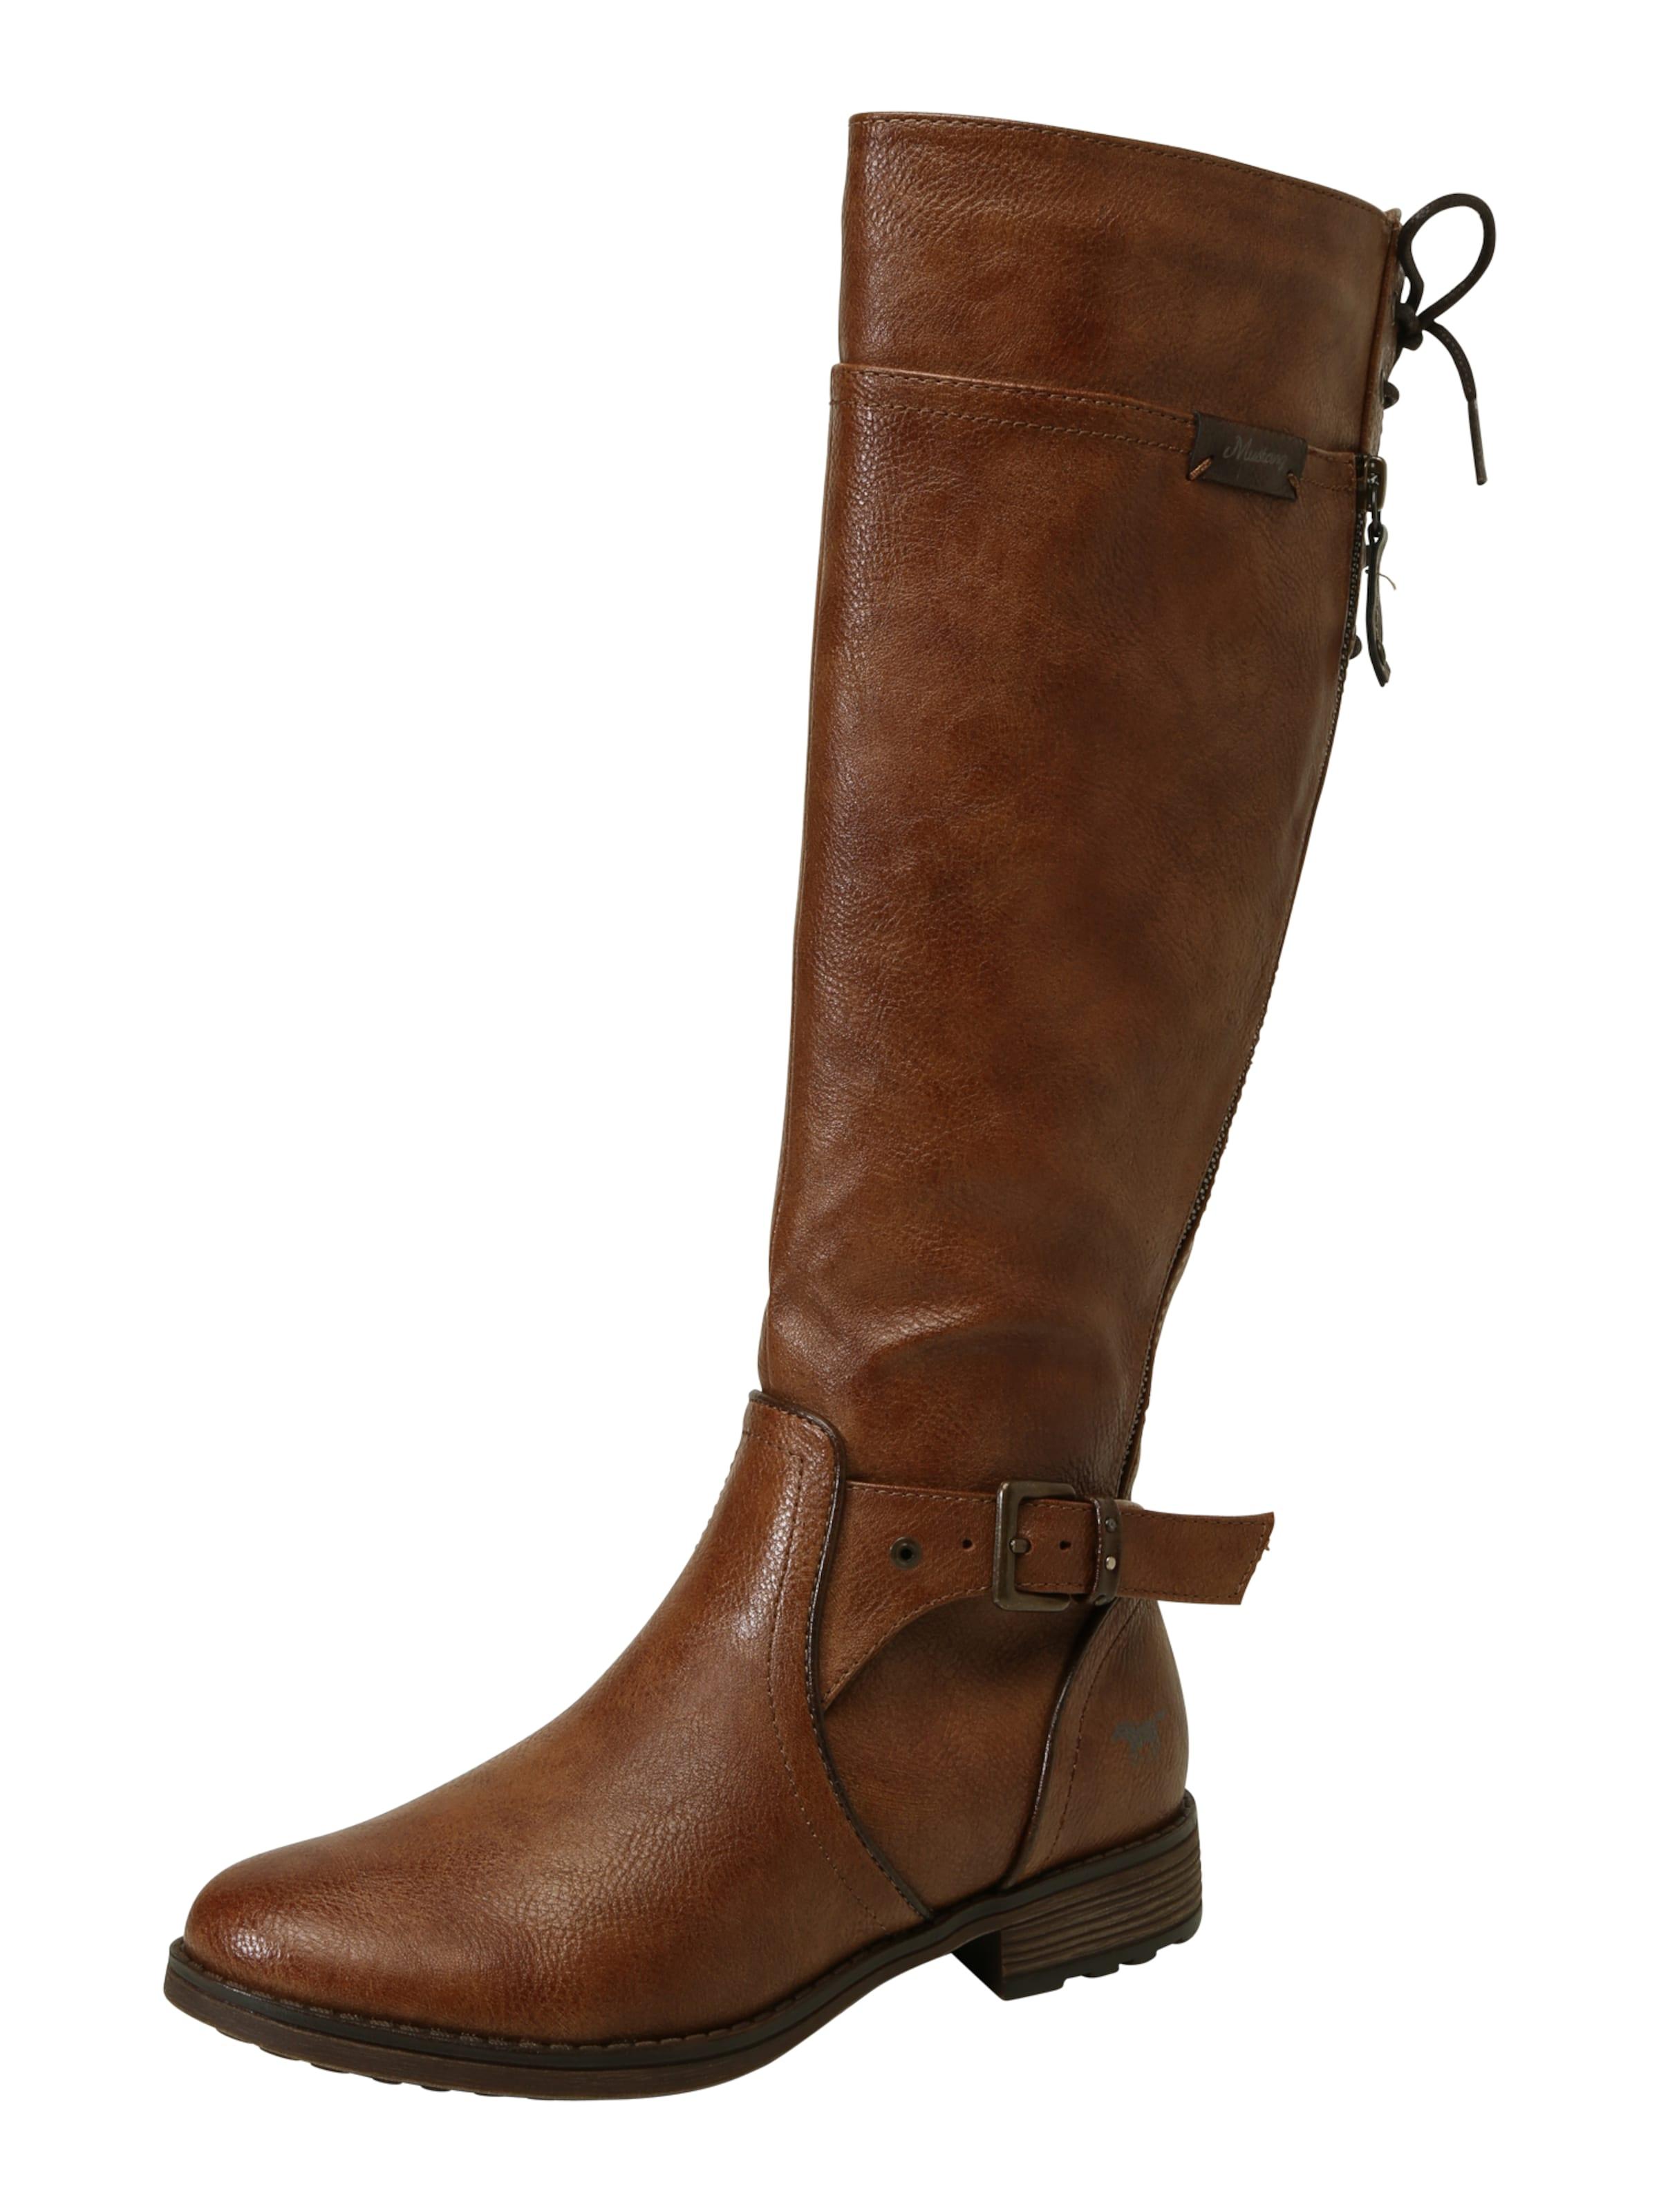 MUSTANG Stiefel Günstige und langlebige Schuhe